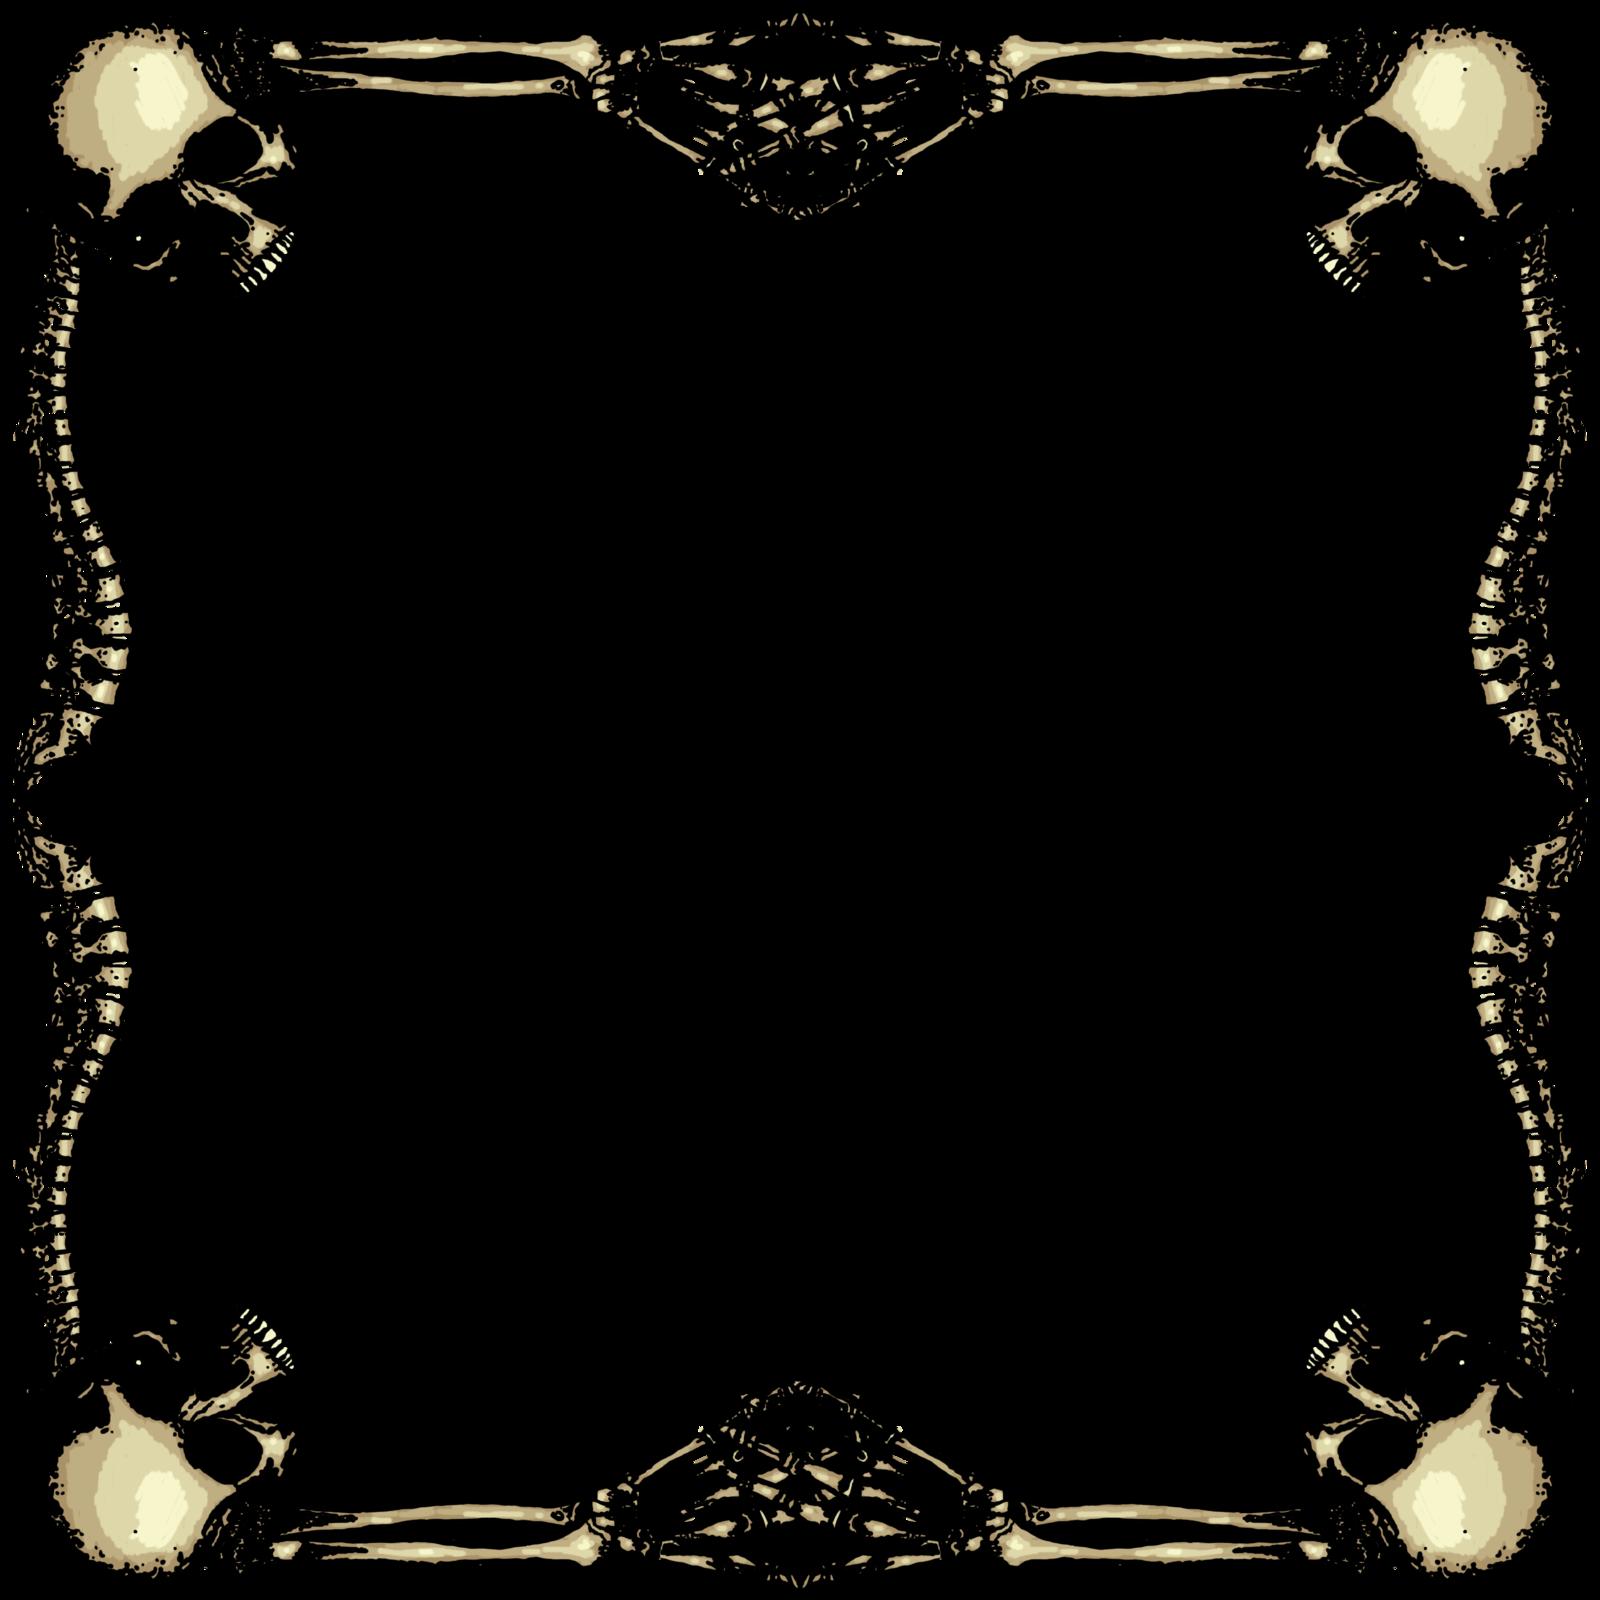 Horror clipart frame SevenBridges SevenBridges Frame on by